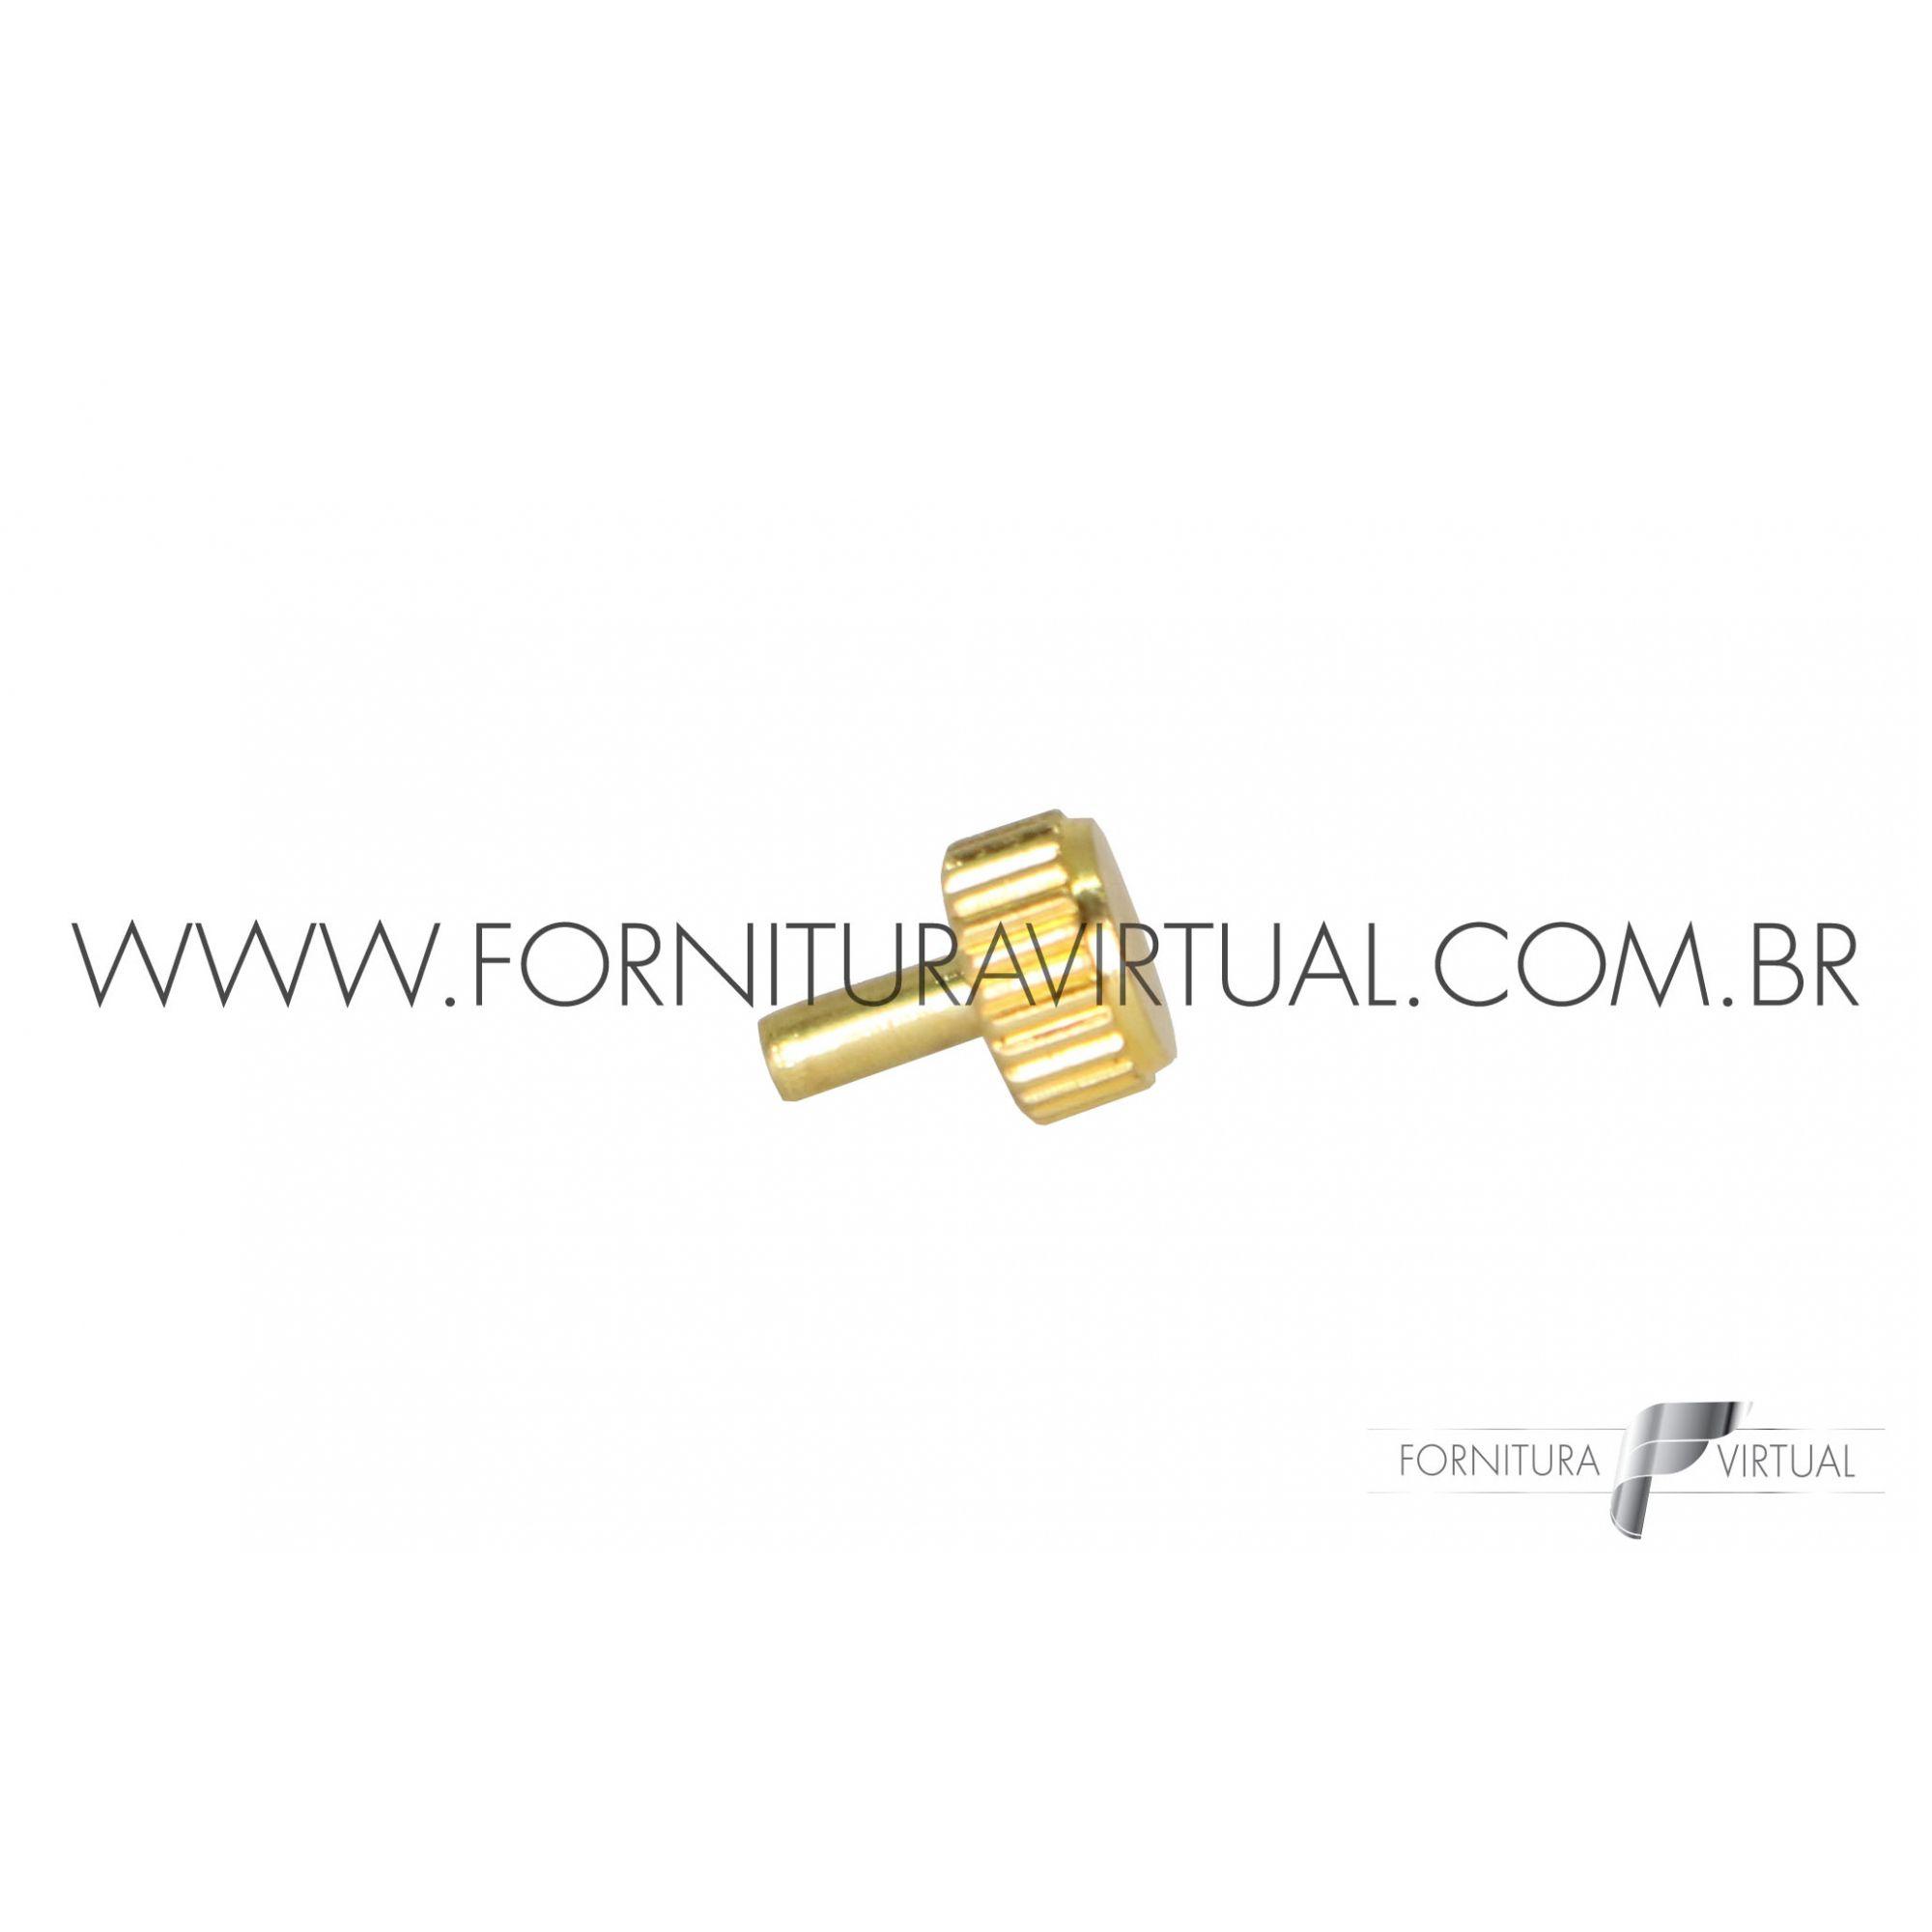 Coroa Dourada - 4.0 x 2.0 x 5.0